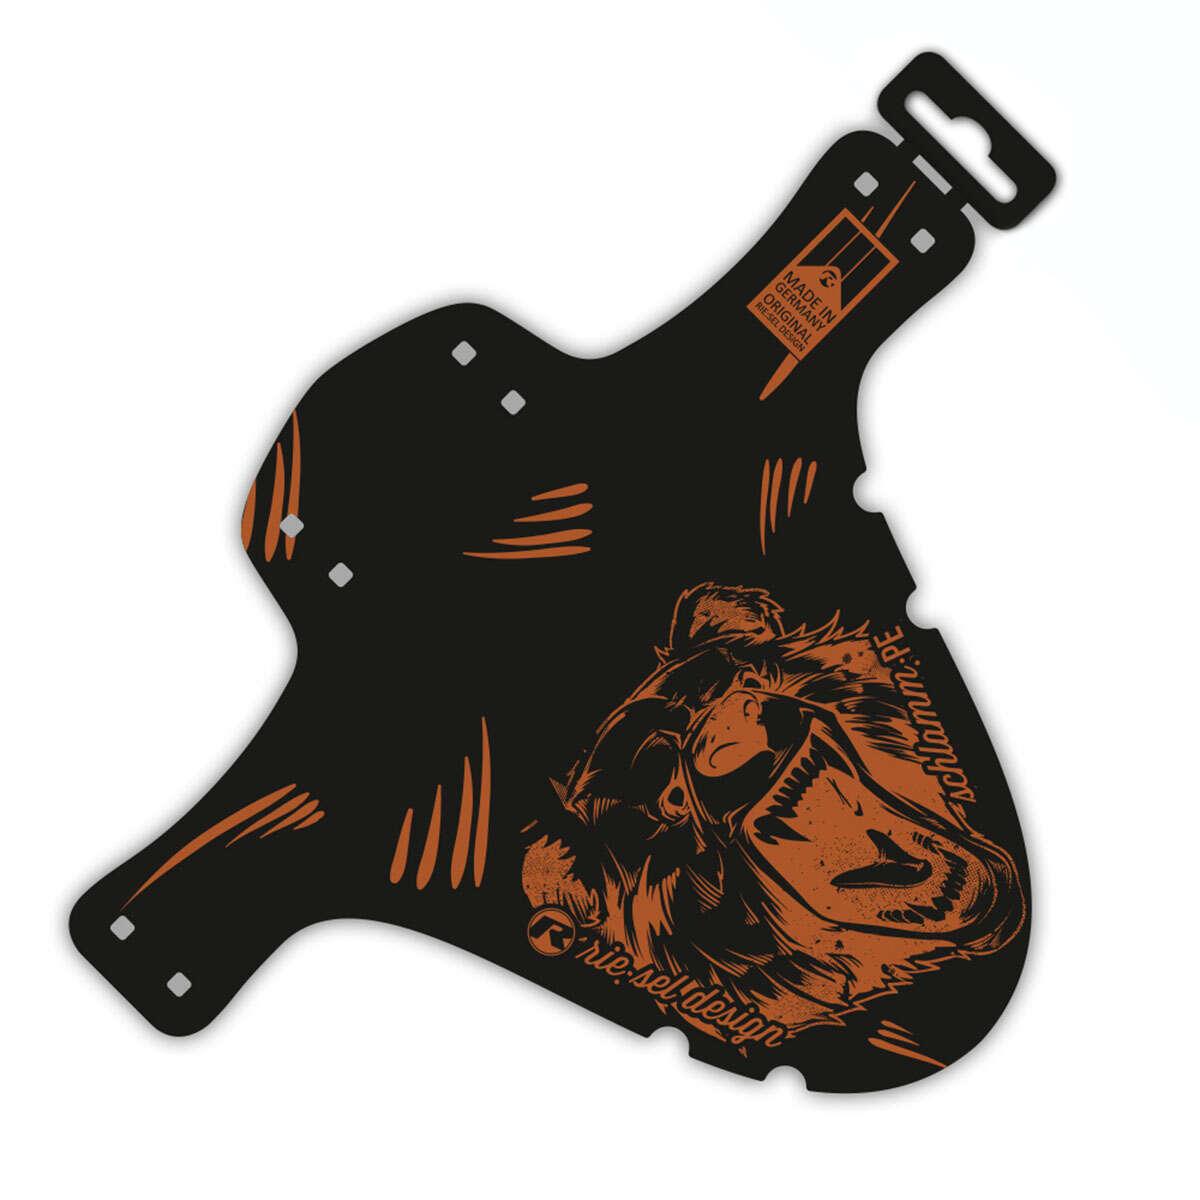 Riesel Design Schutzblech vorn SchlammPE Grizzly, 1 Stück